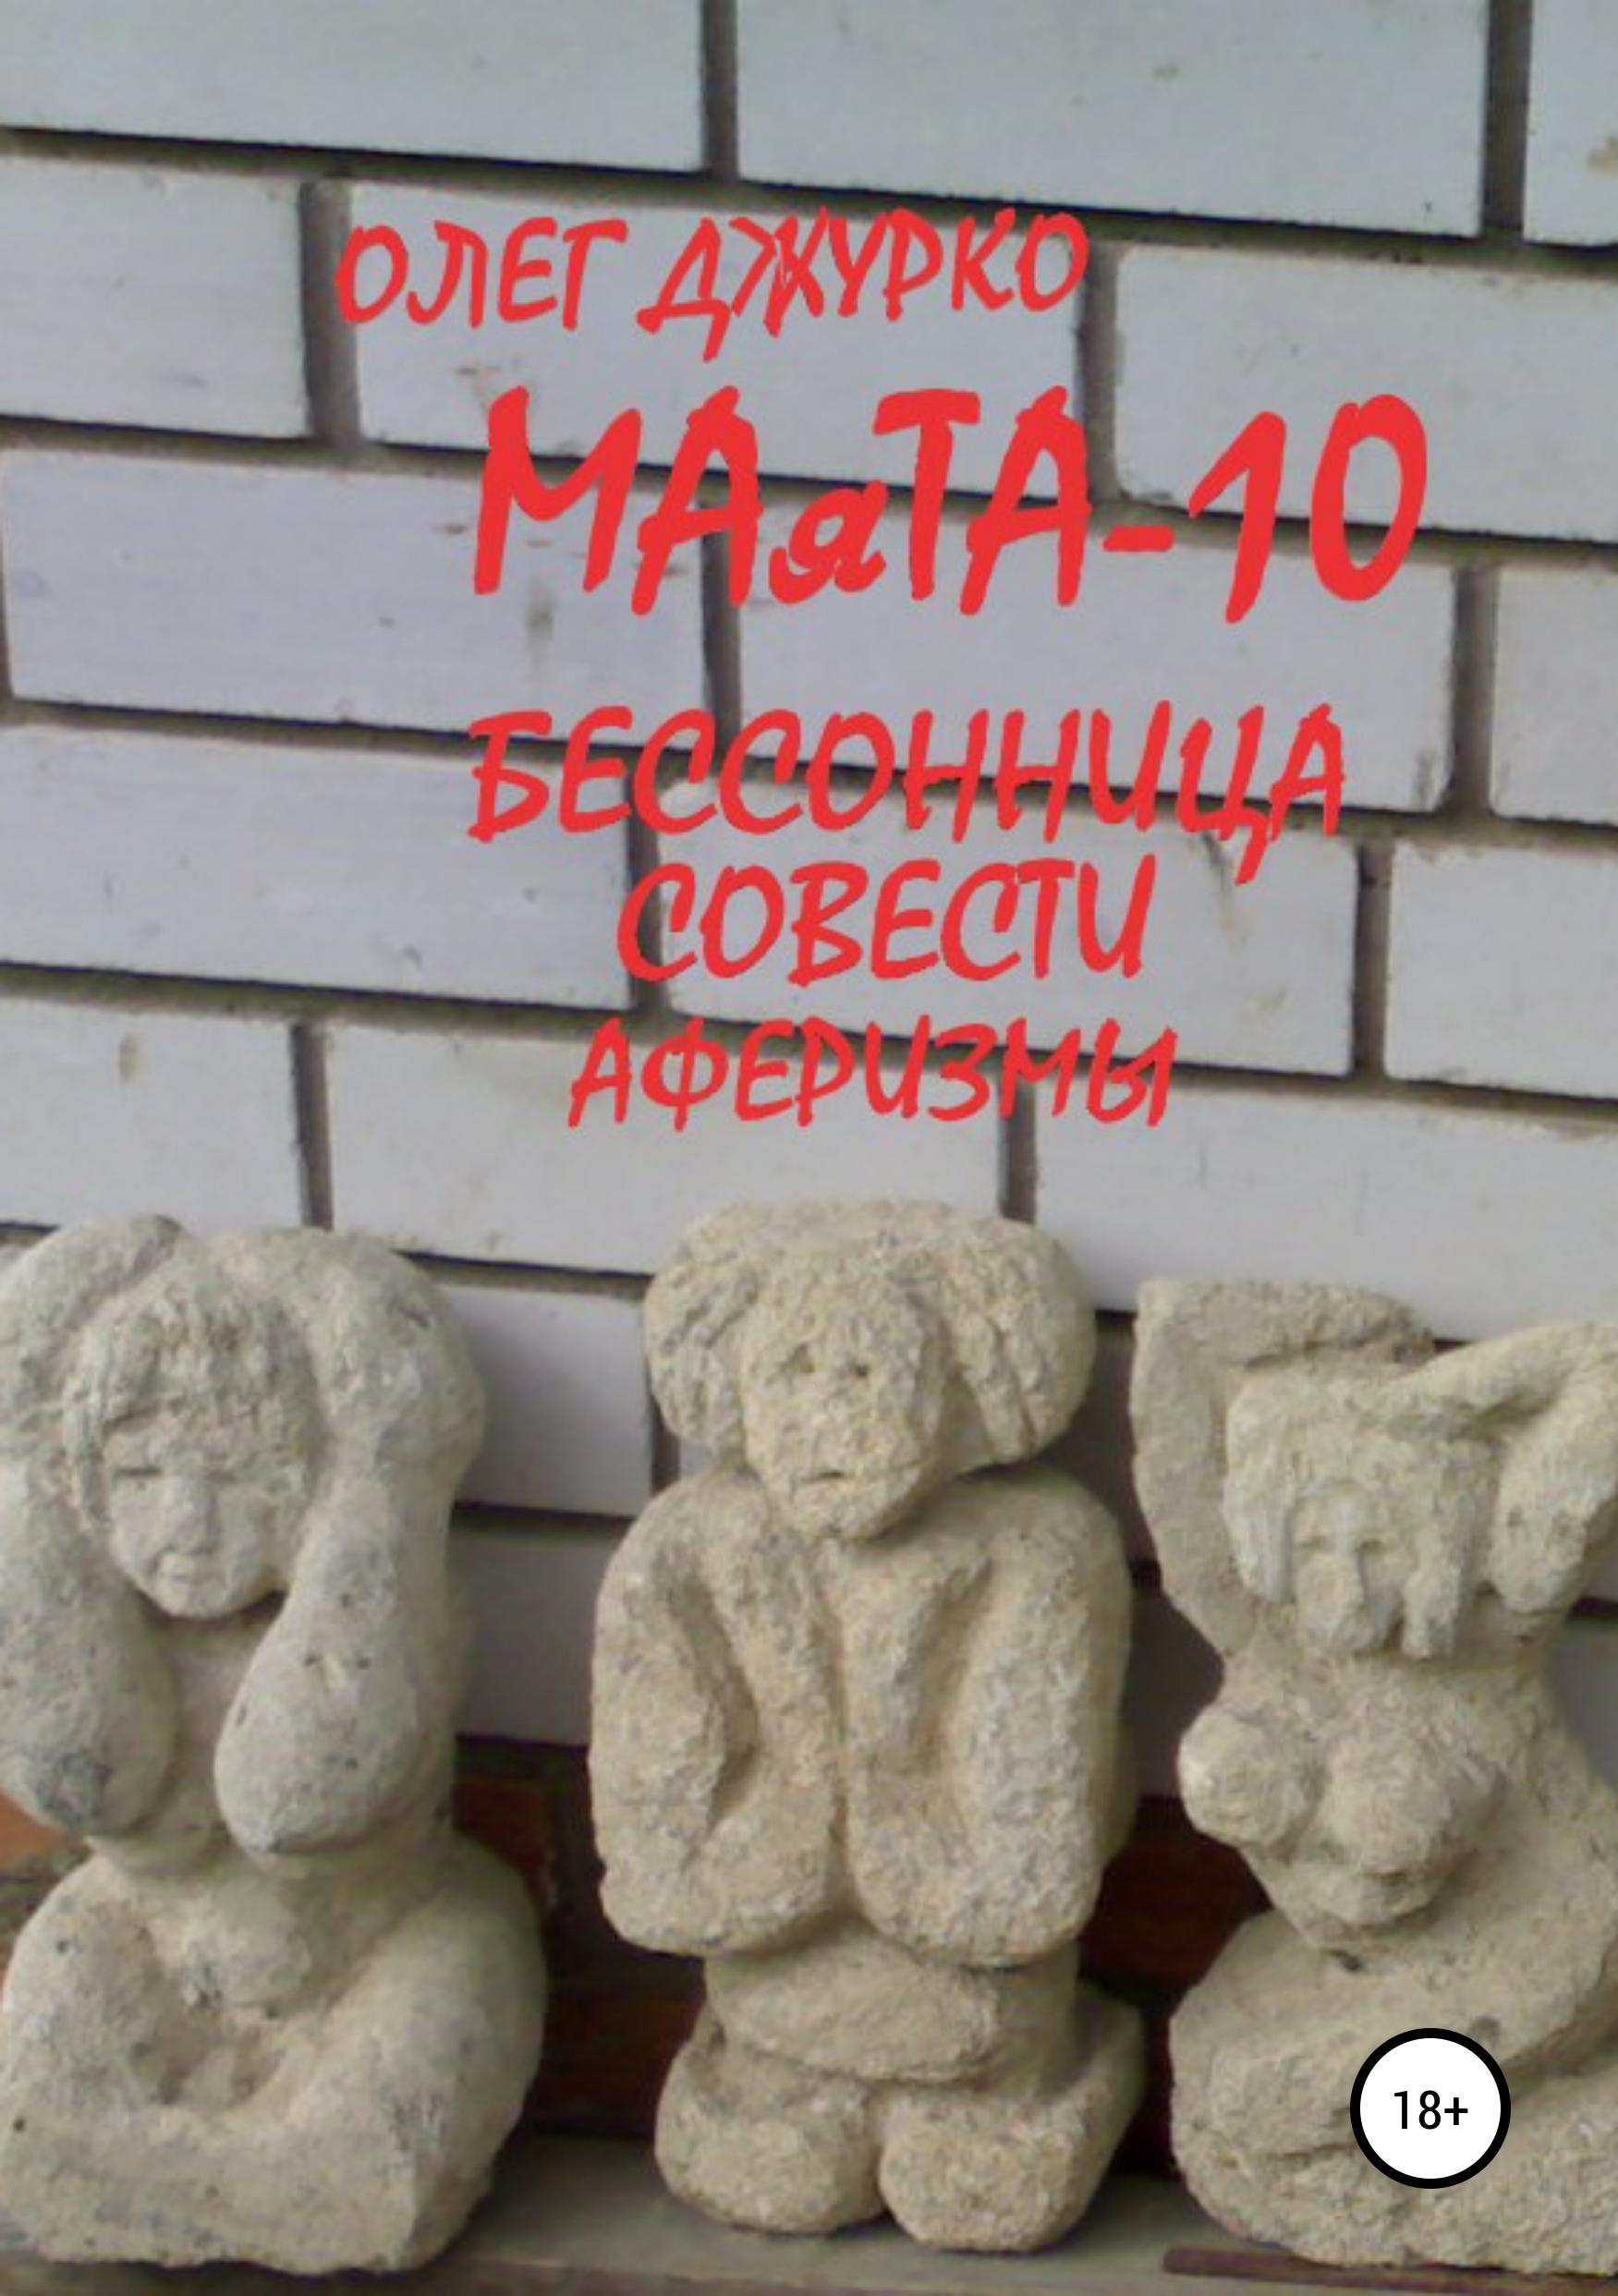 Олег Сергеевич Джурко МАяТА-10 Бессонница совести. Аферизмы олег сергеевич джурко мегафэризмы эссе